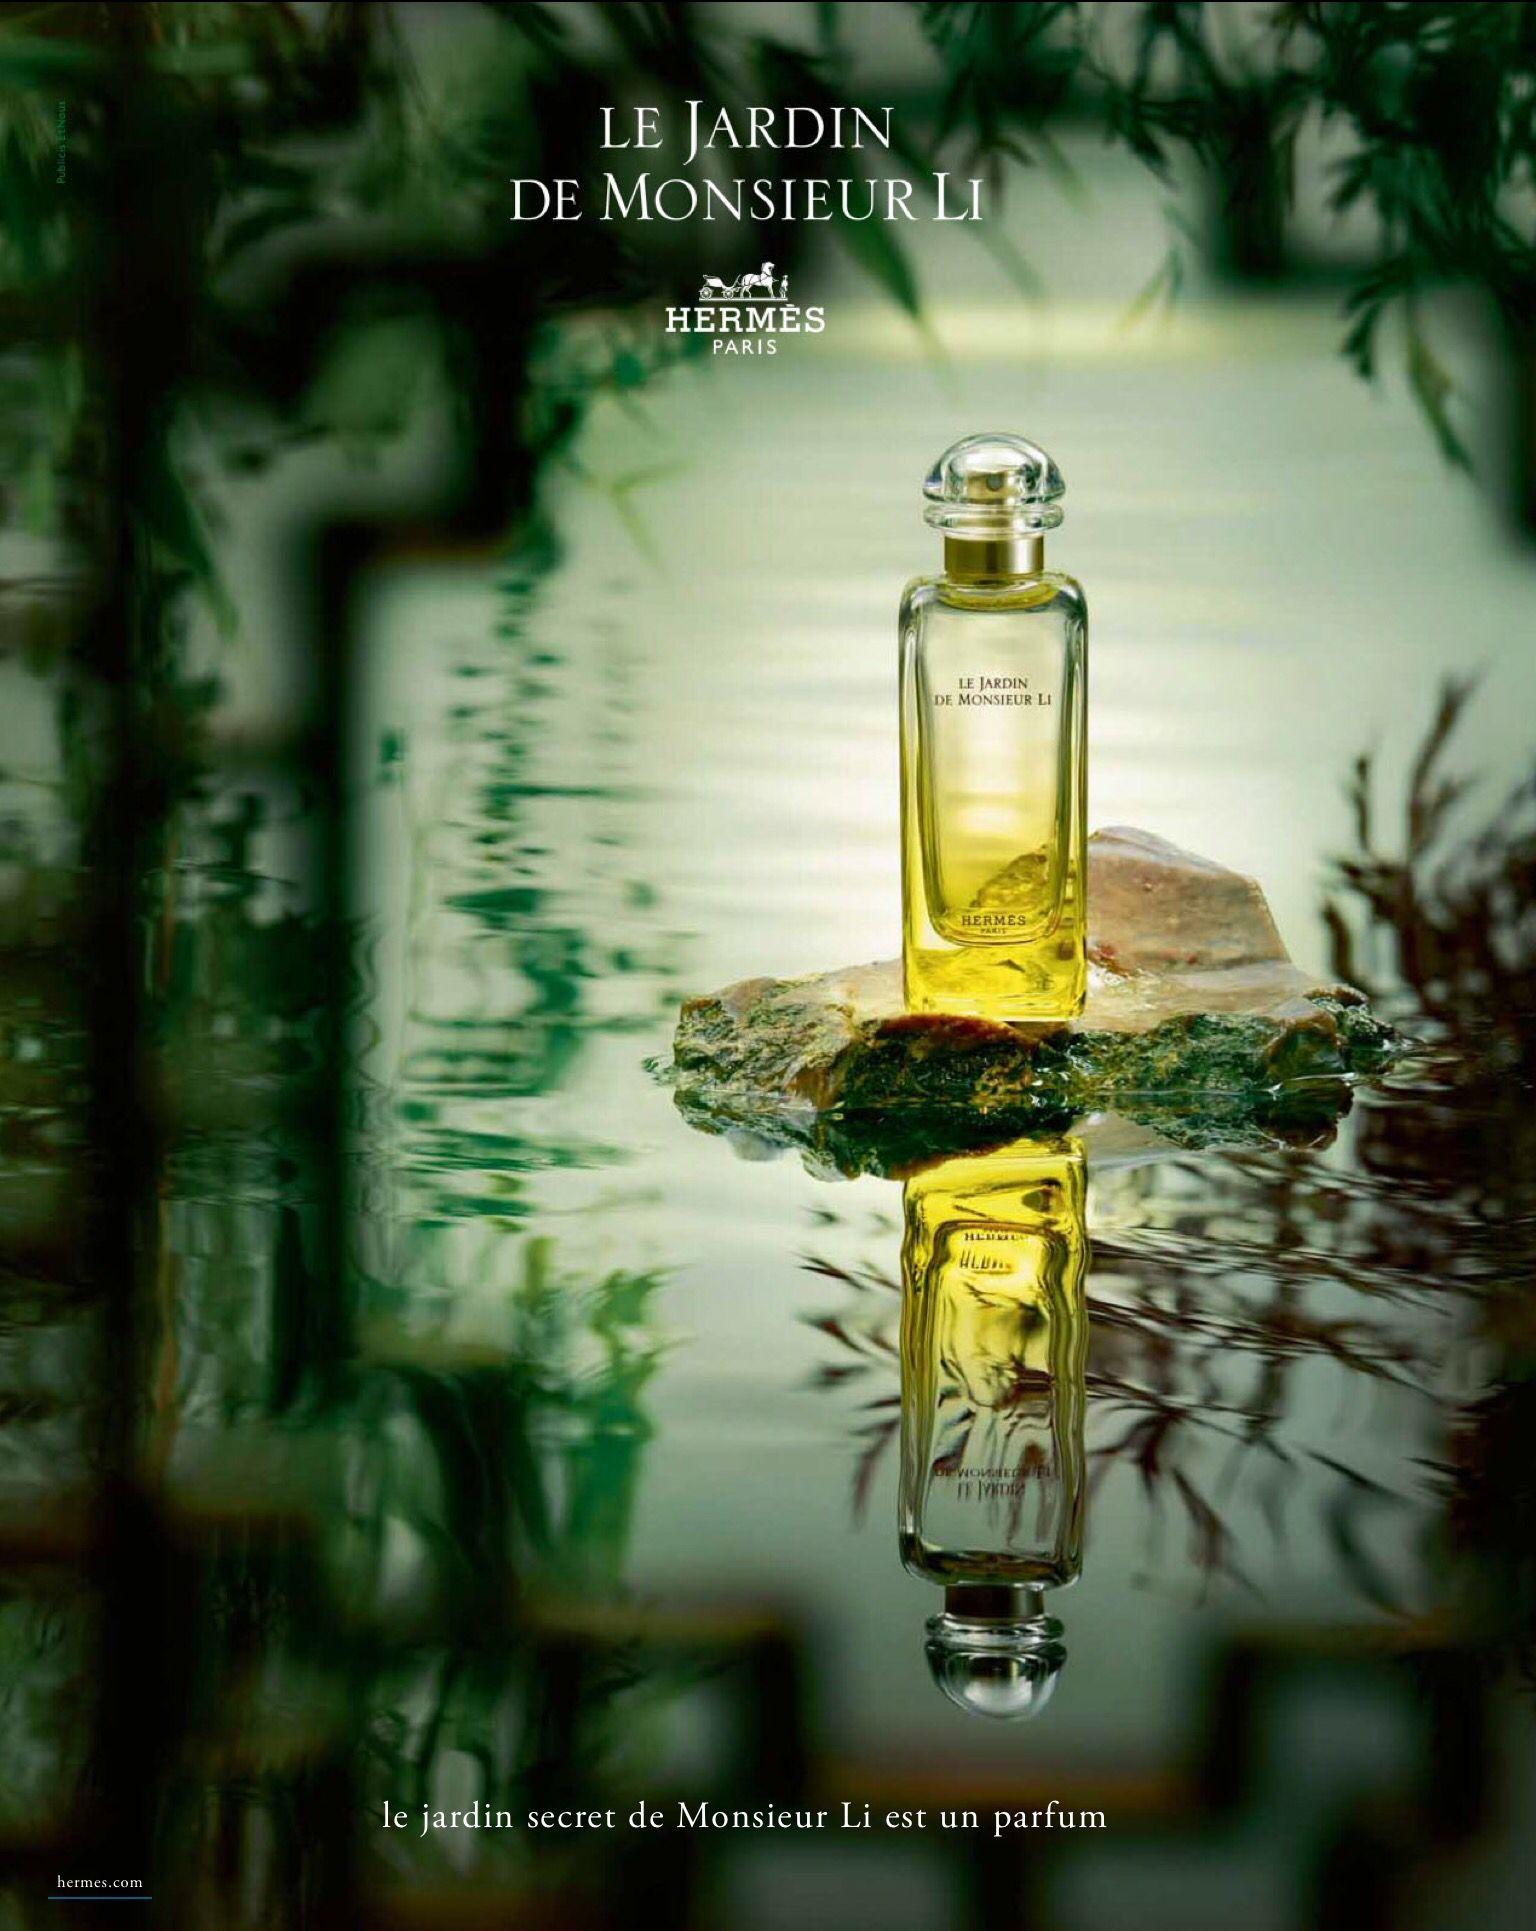 Le Jardin de Monsieur Li Hermès for women and men Commercial Afiş d9b78a77063925ea88ccd512093a...jpg